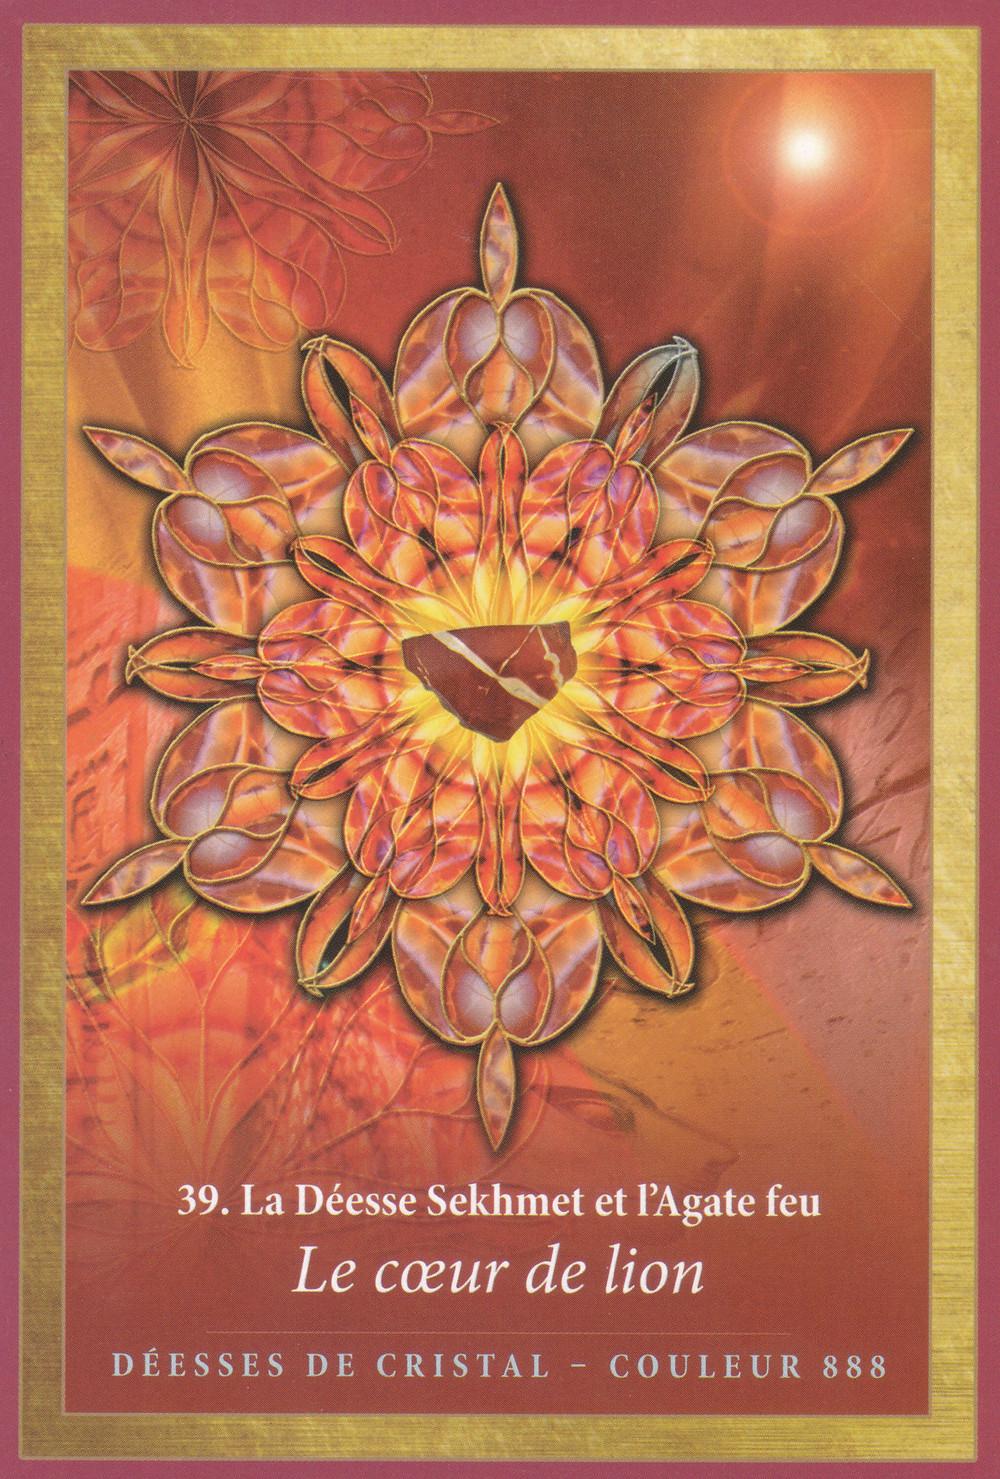 Carte de L'Energie des Anges et des Cristaux d'Alana Fairchild - 39 - Le coeur de lion - Energies du 20 au 26 janvier 2020 : Dénouements et guérisons émotionnelles, ça bouge !! (Nouvelle Lune du 24 janvier)